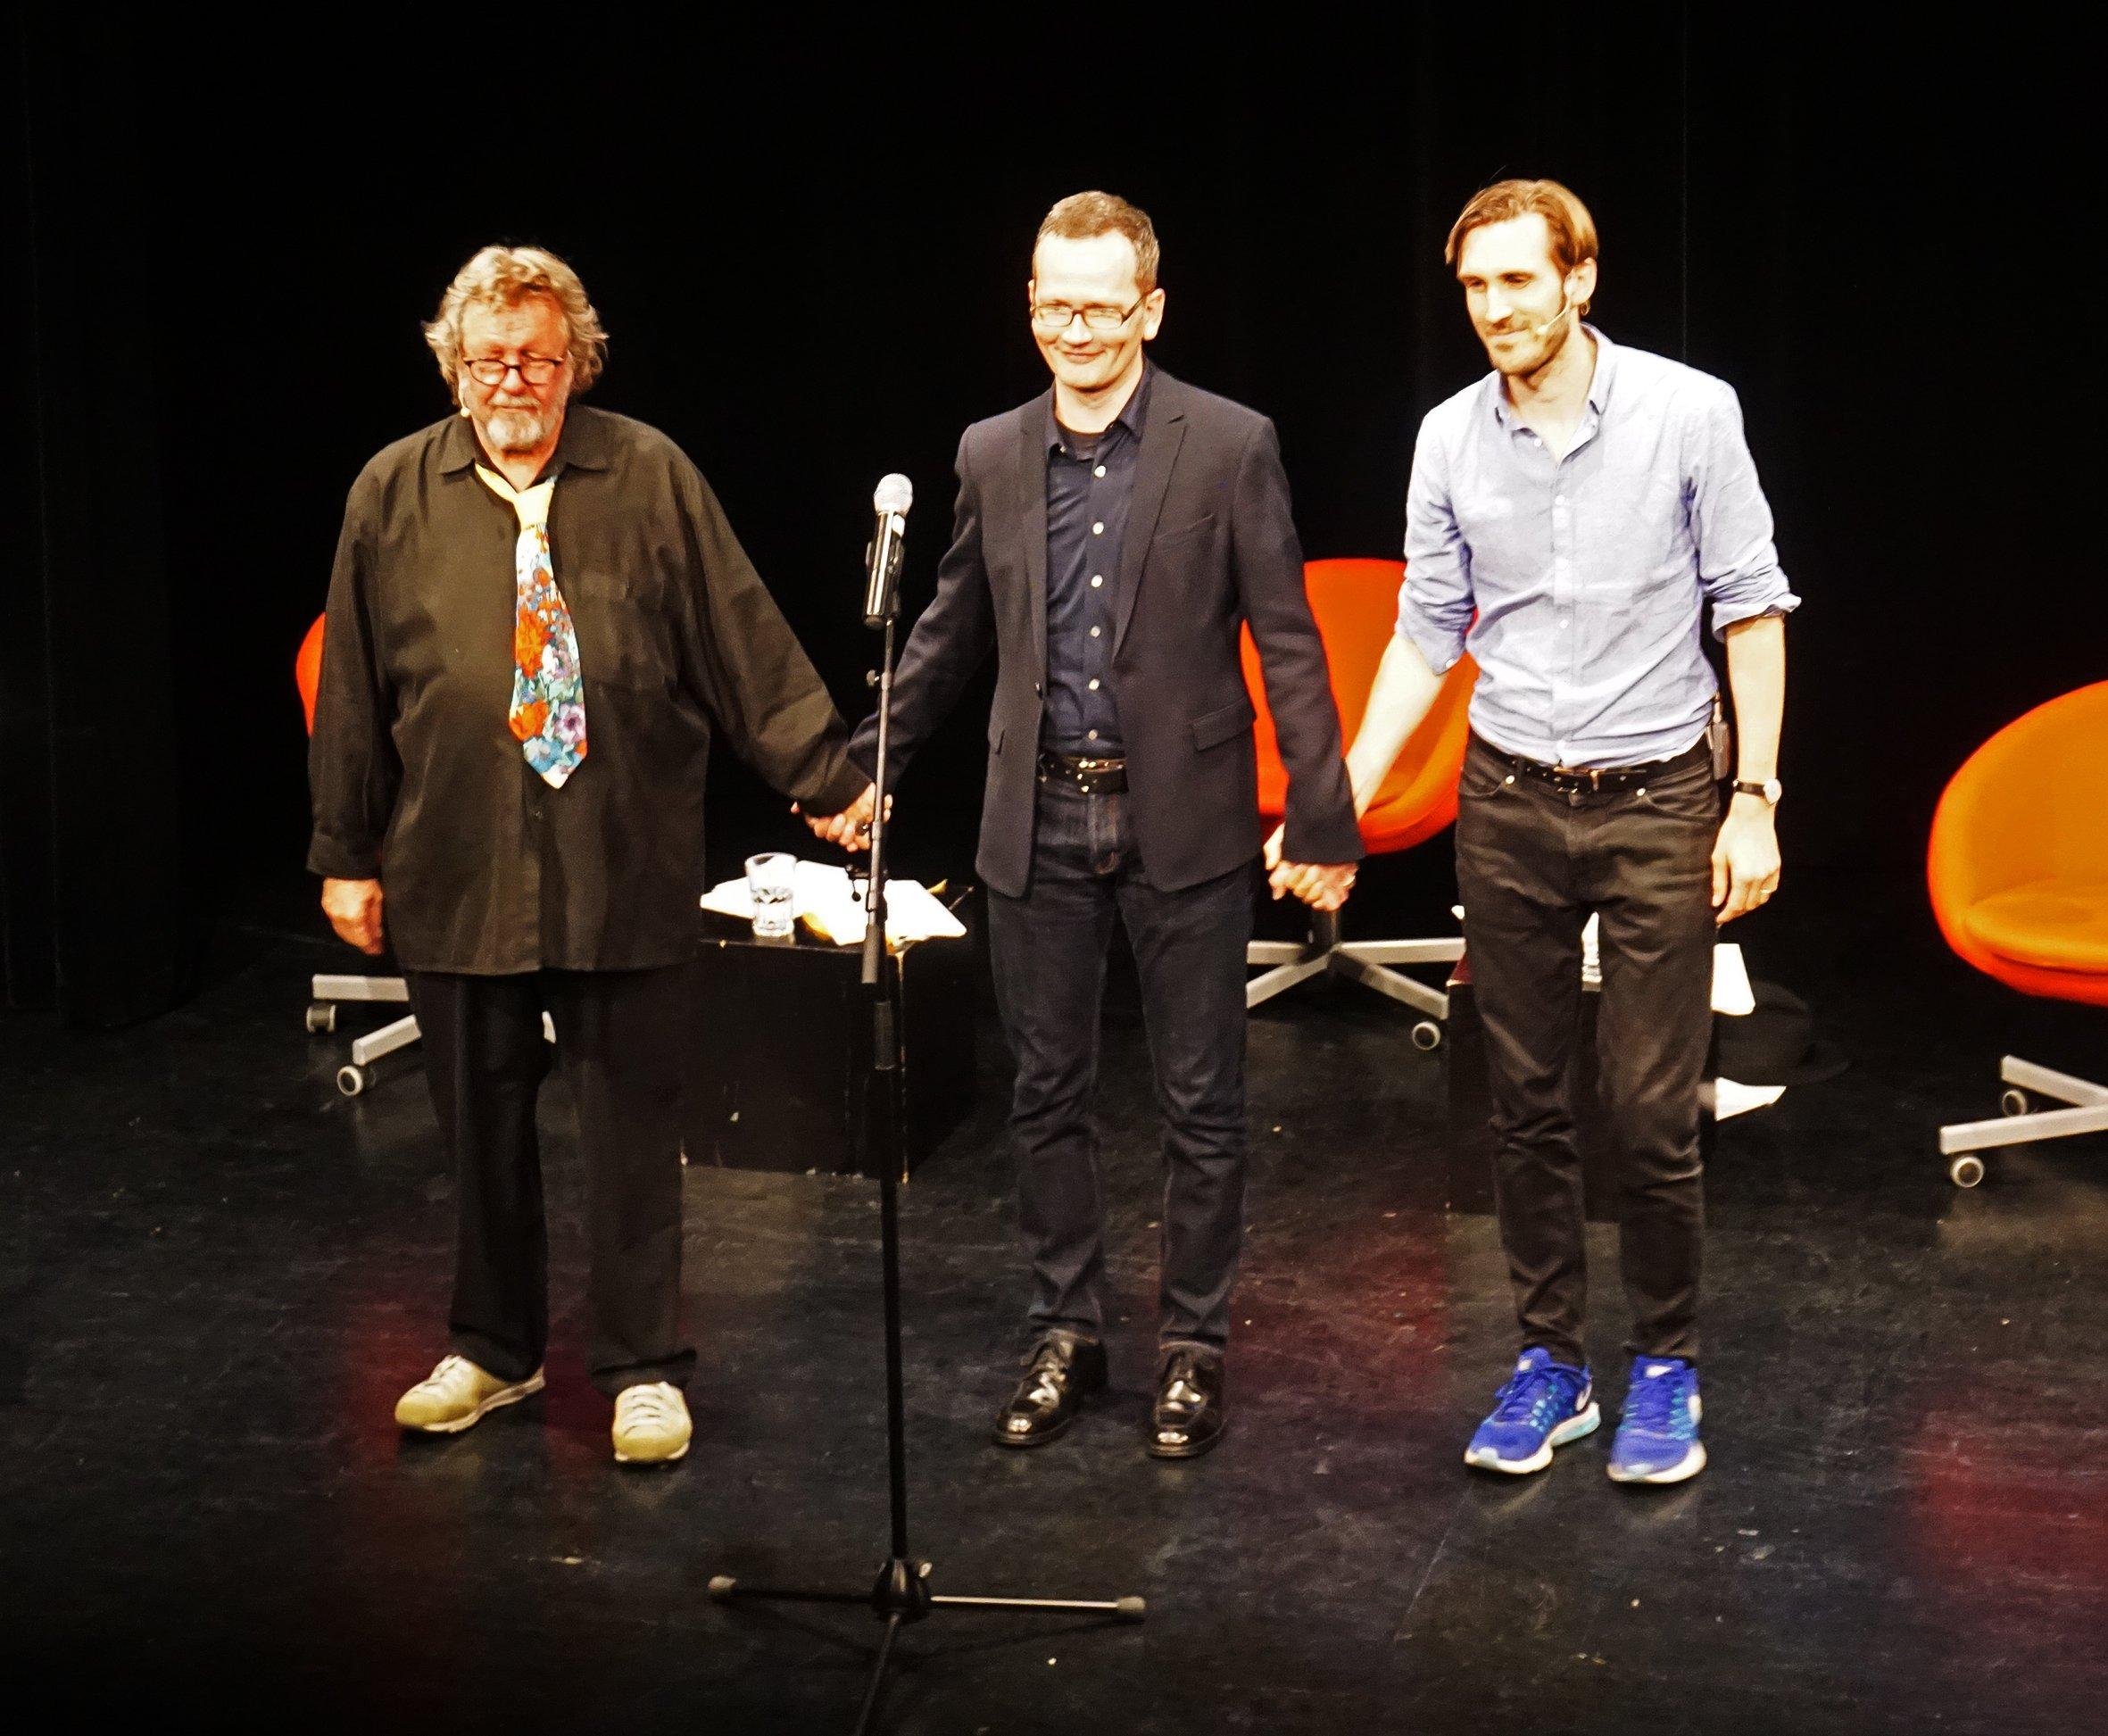 Die drei Philosophen verabschiedeten sich von einem begeisterten Publikum.